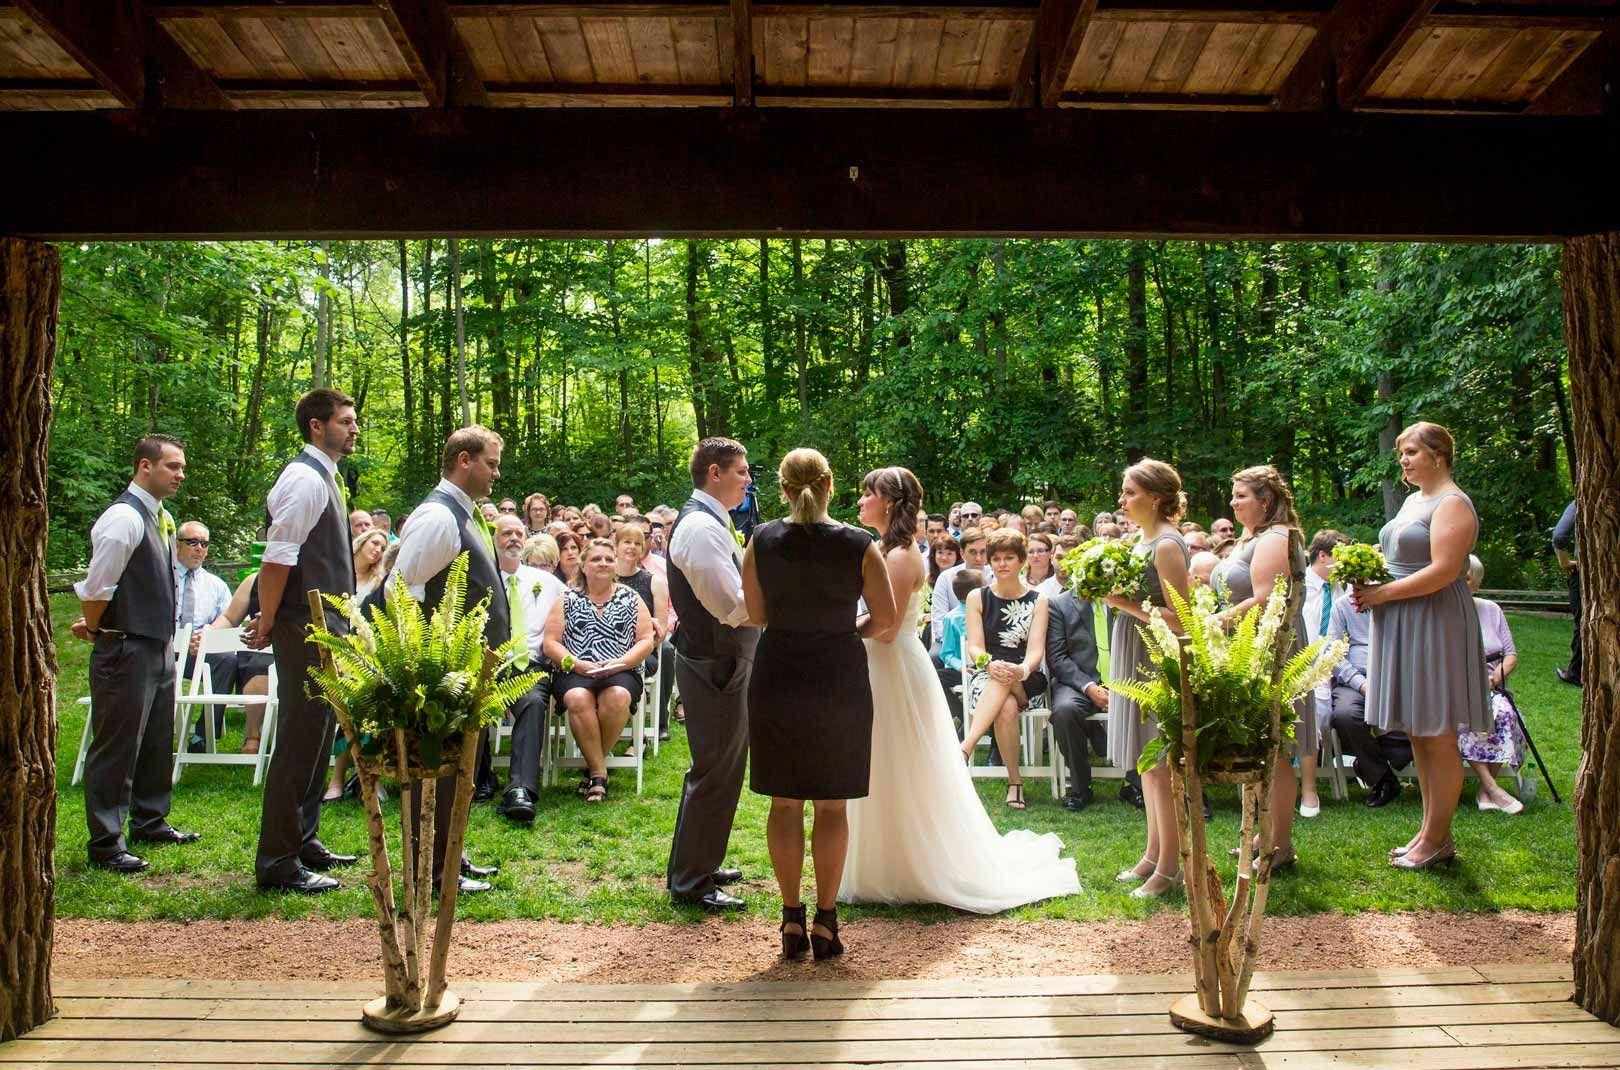 Summer Forest Wedding At The Schlitz Audubon Nature Center